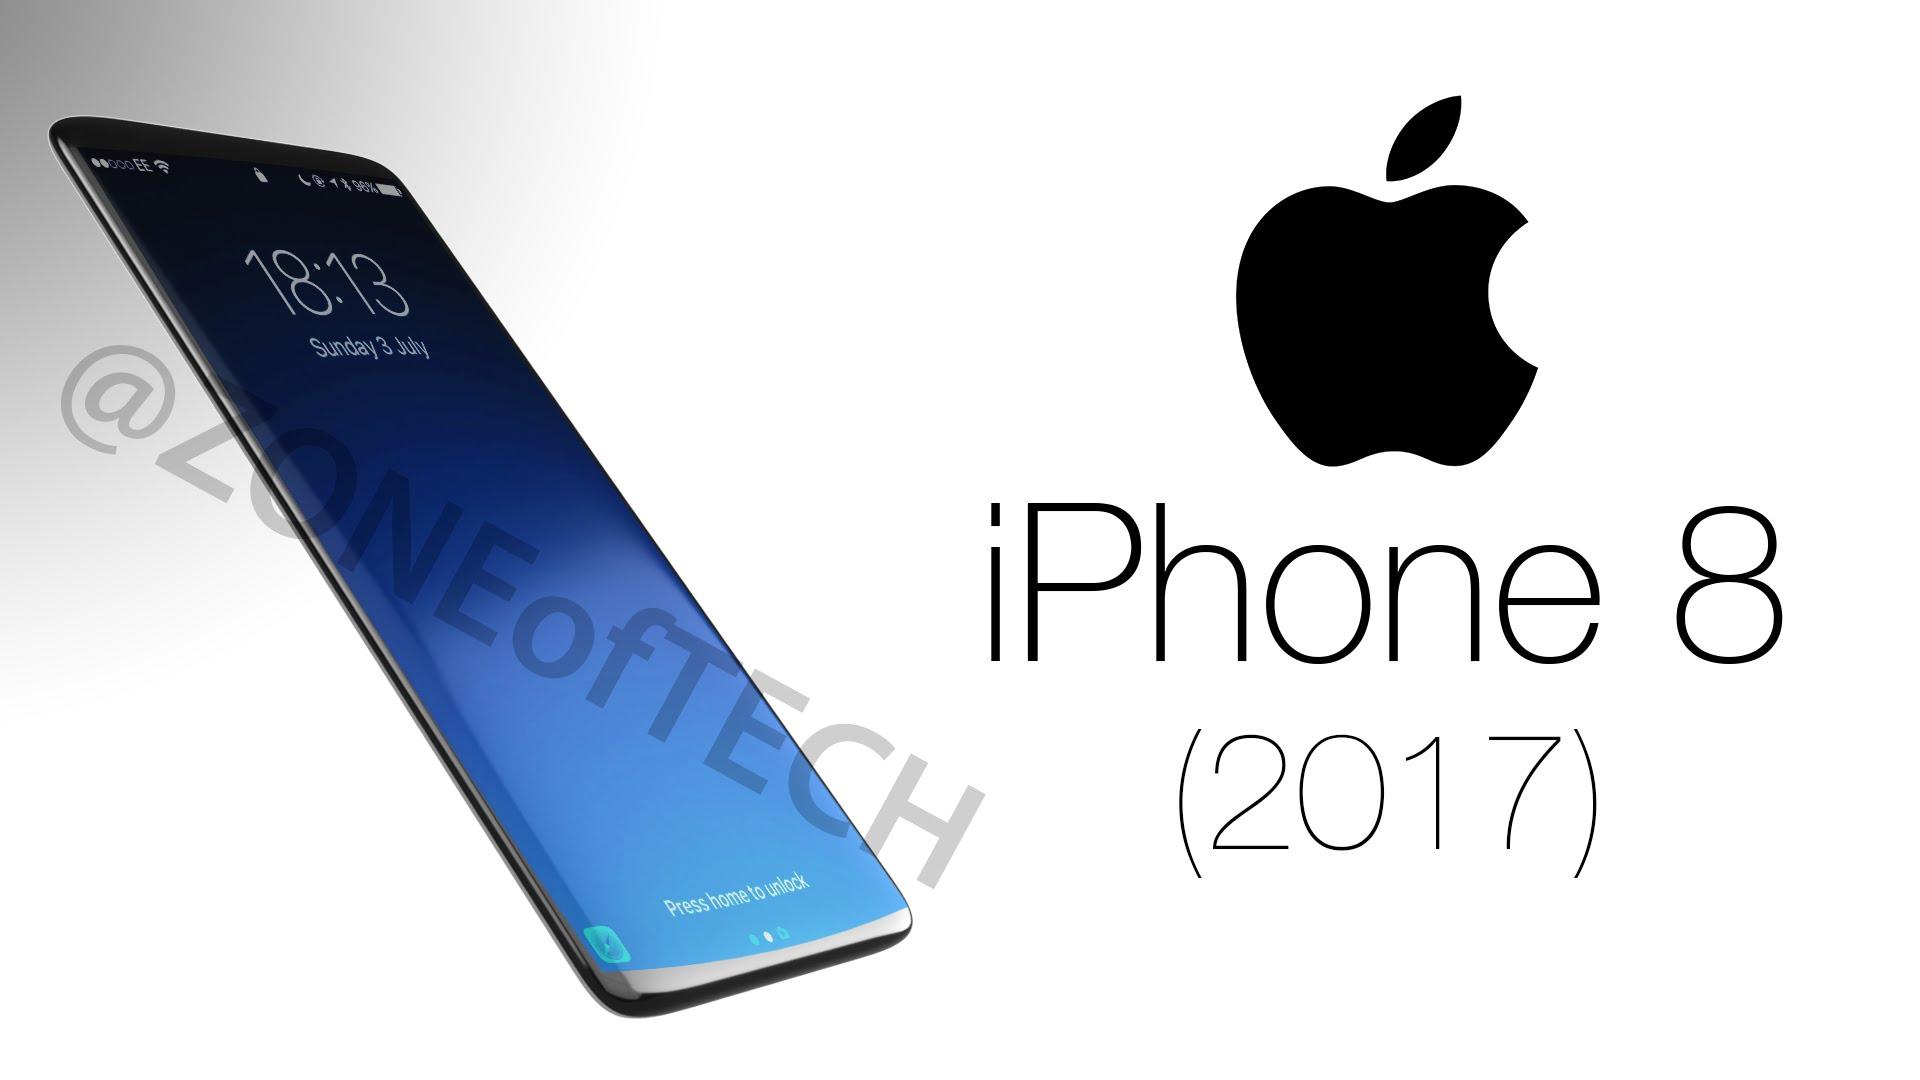 IPhone 8 come potrebbe essere: display Oled, ricarica wireless; il video